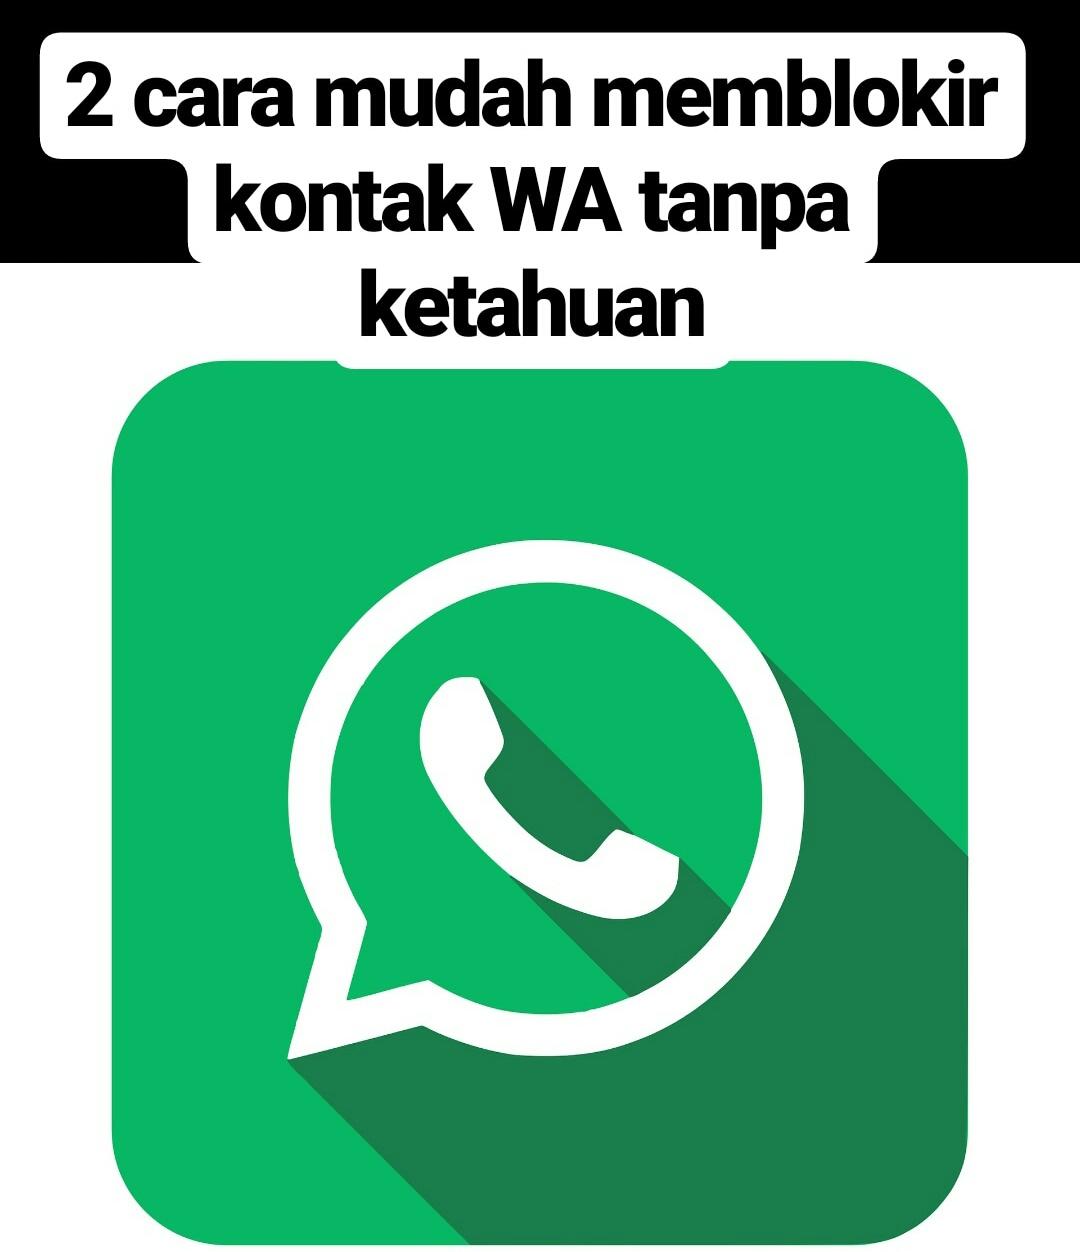 2 cara mudah memblokir kontak WA tanpa ketahuan pemiliknya - Info